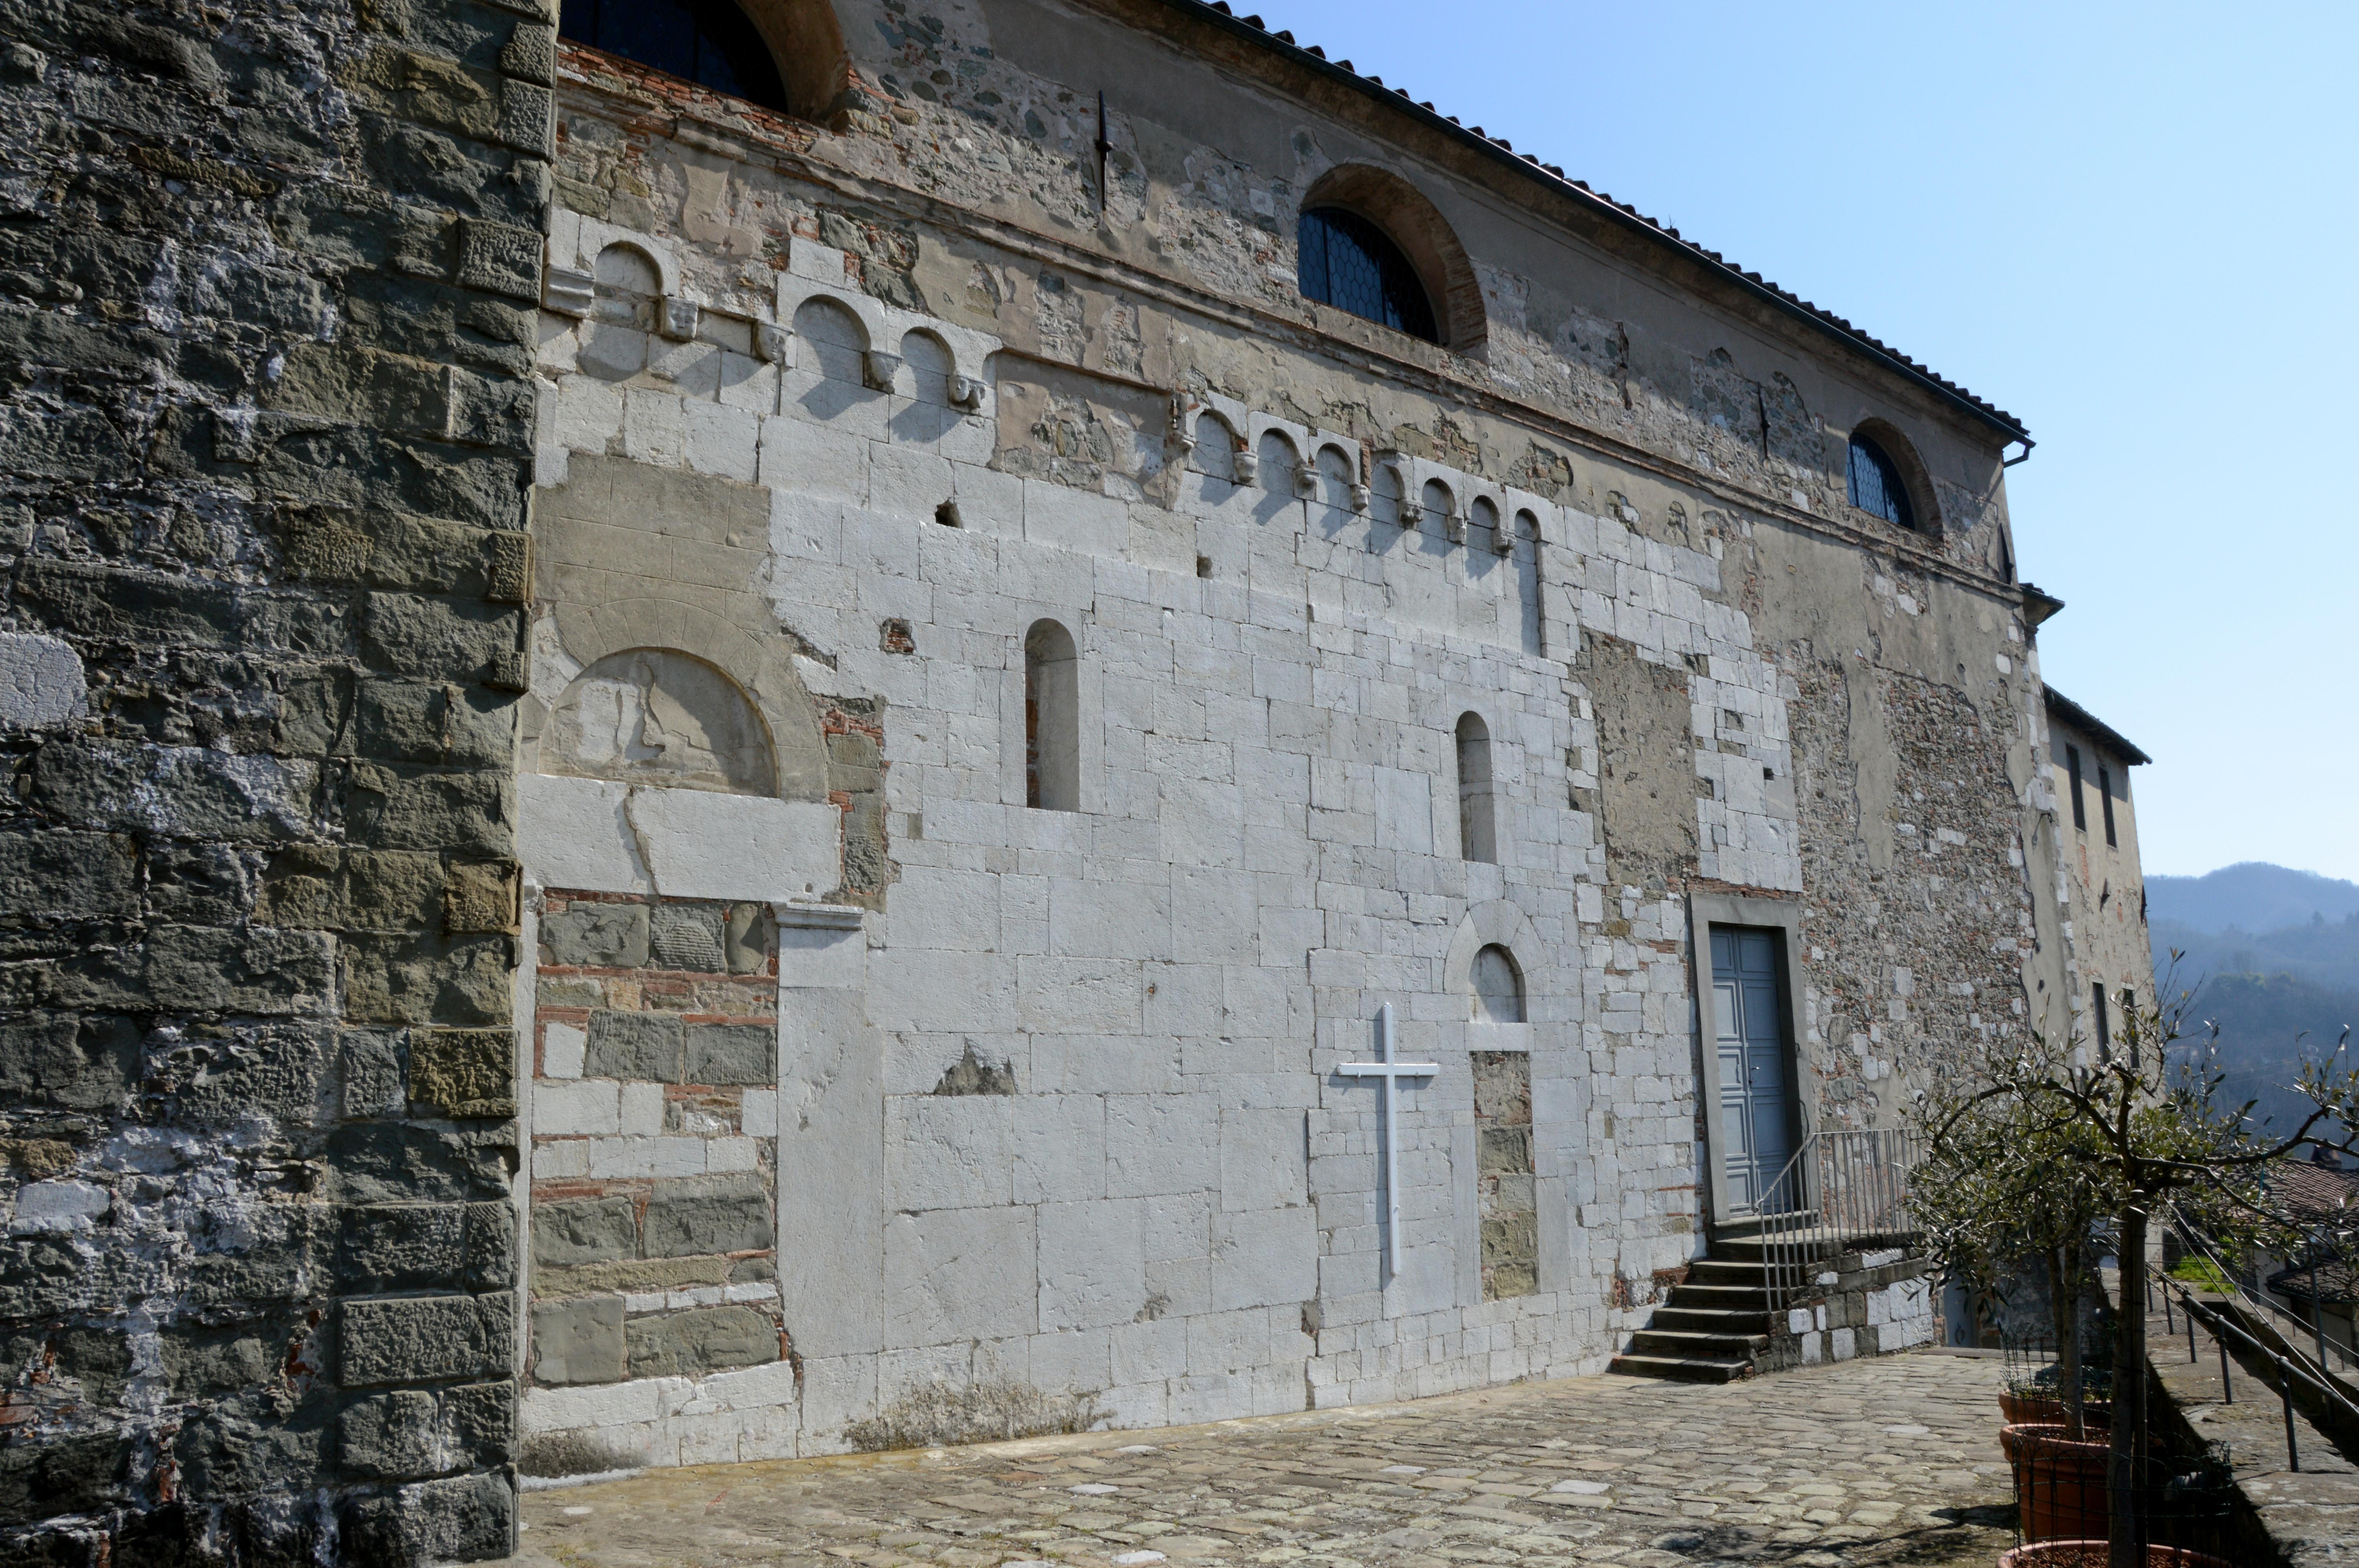 ghivizzano,lucca,toscana,italia,borghi,castelli,garfagnana